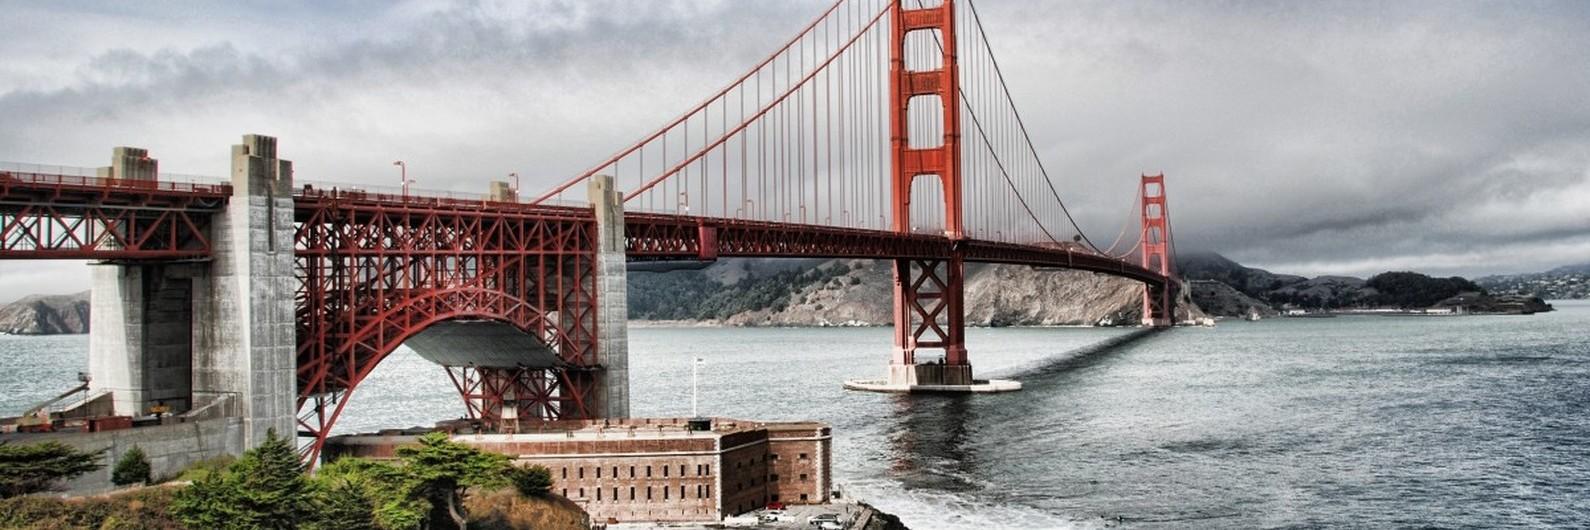 Descubra São Francisco com os amigos